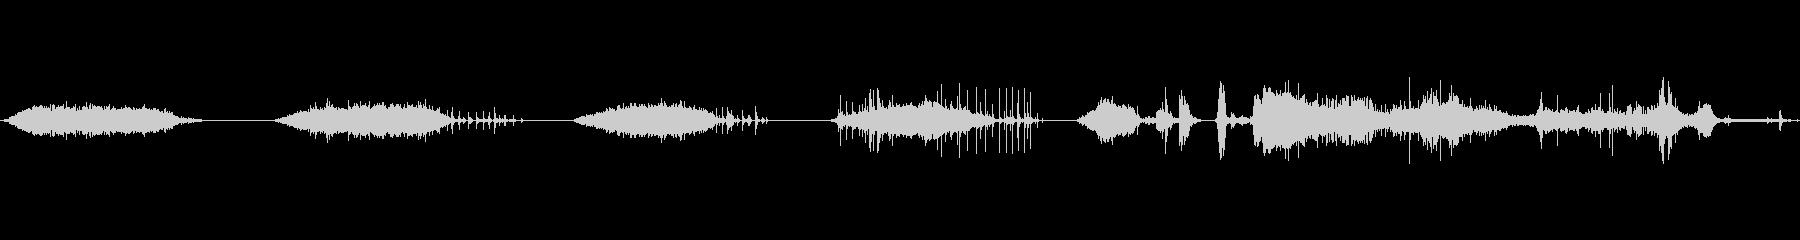 バルーンの膨張と収縮2の未再生の波形